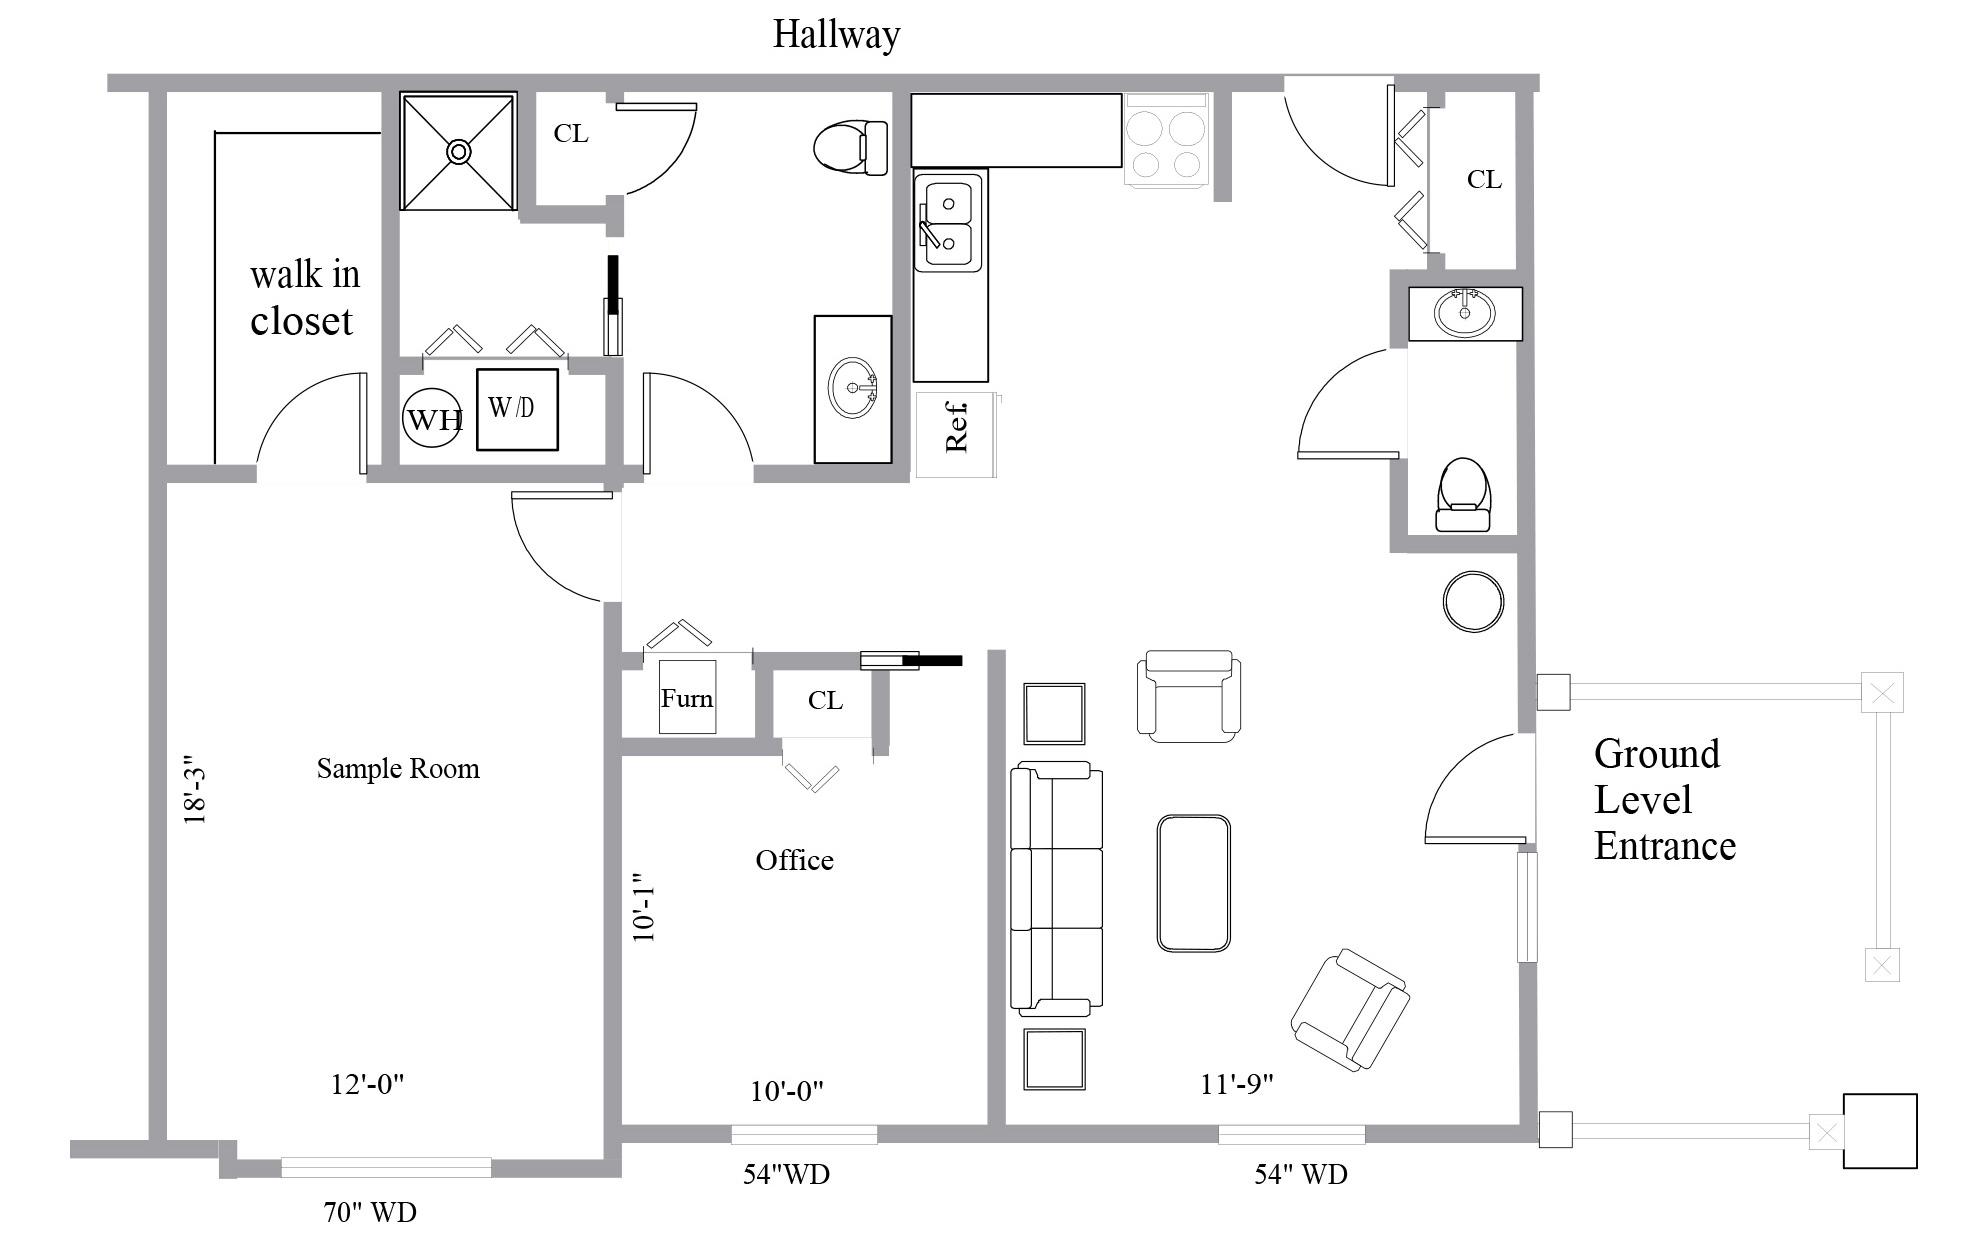 ardley-two-bedroom-deluxe